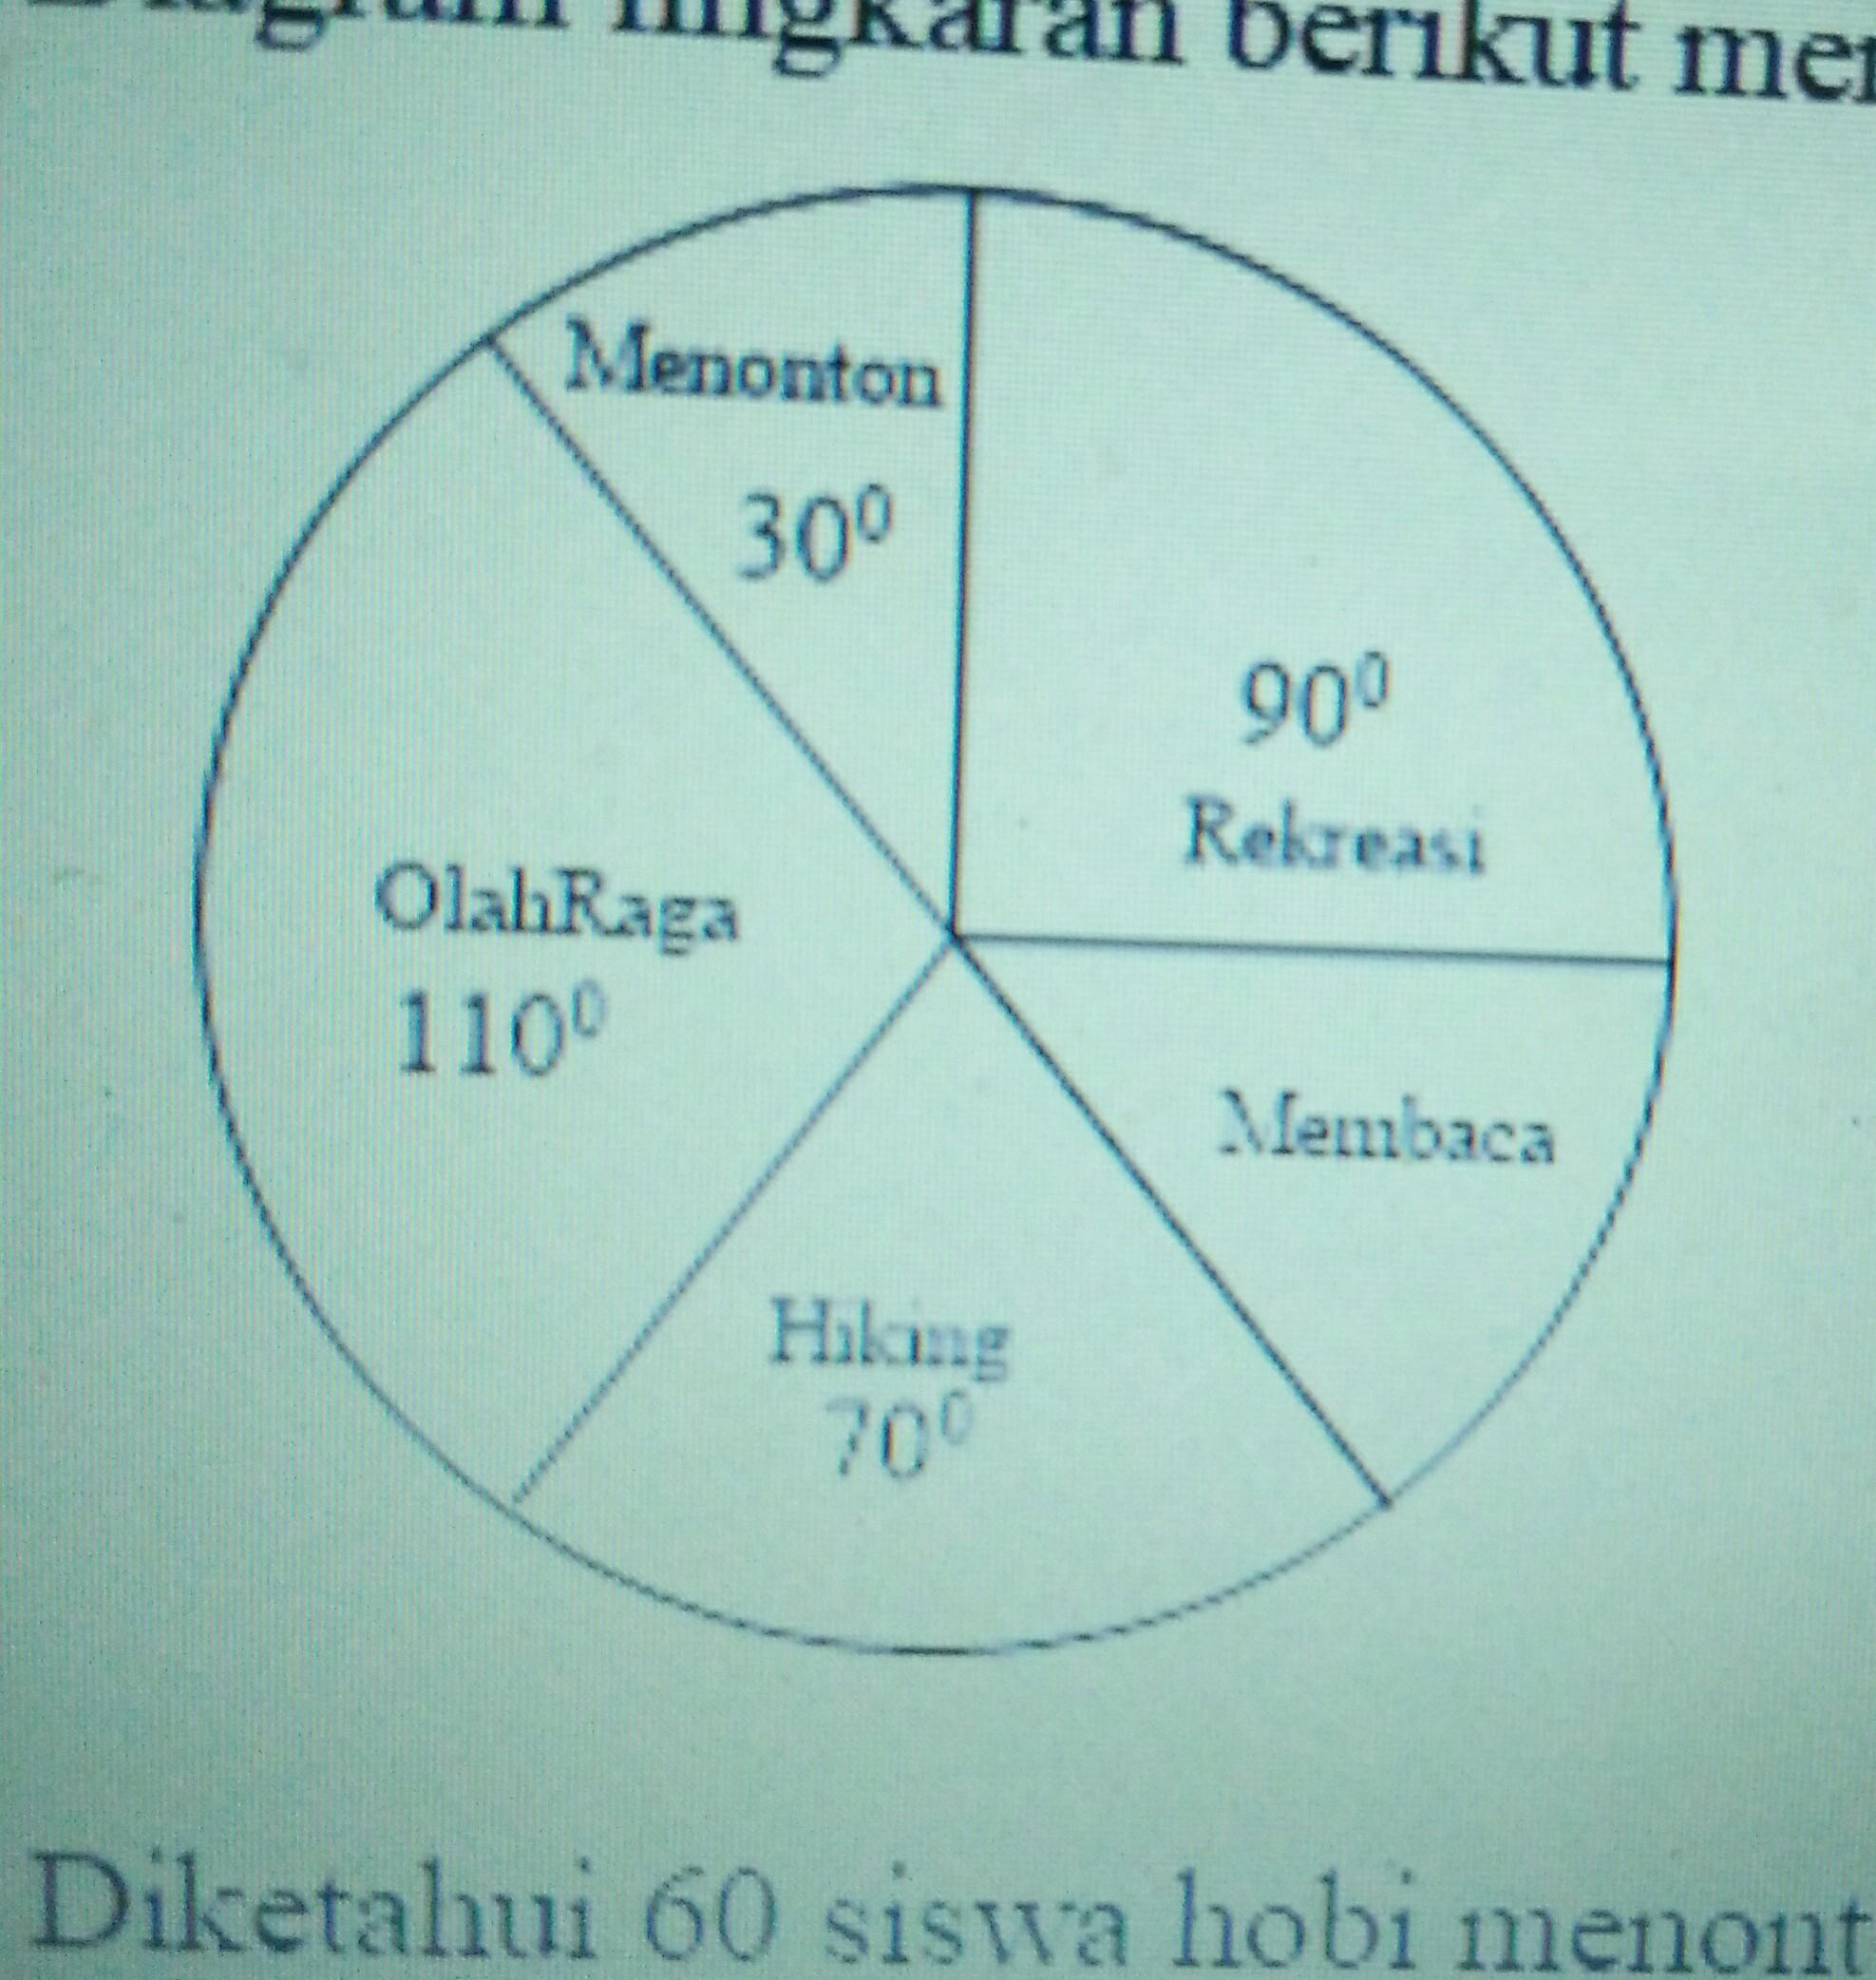 Diagram lingkaran berikut menujukan hobi daridiketahui 60siswa hobi diagram lingkaran berikut menujukan hobi dari diketahui 60siswa hobi menonton banyak siswa ccuart Choice Image